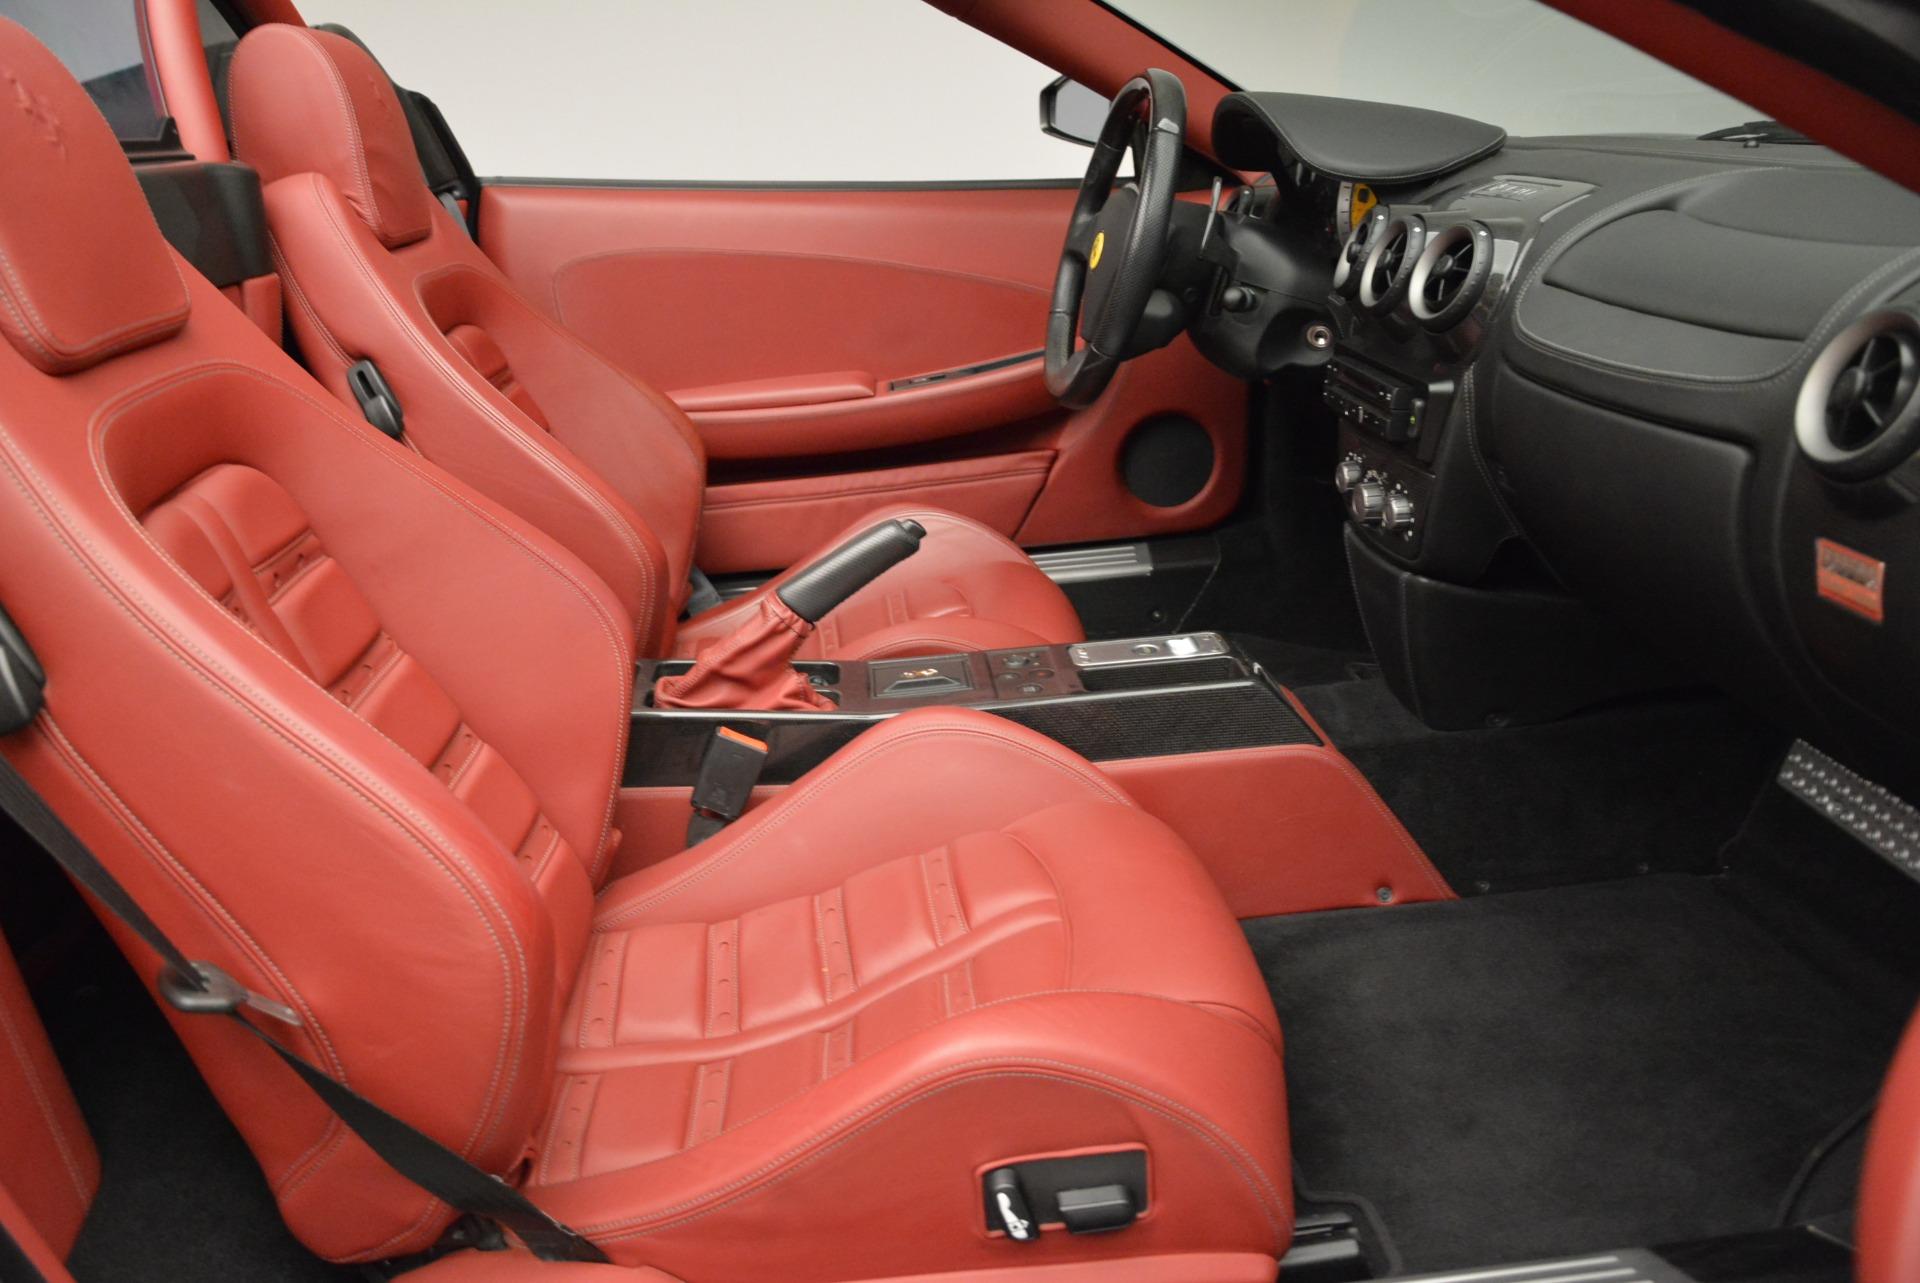 Used 2008 Ferrari F430 Spider  For Sale In Greenwich, CT. Alfa Romeo of Greenwich, 4440 1883_p30